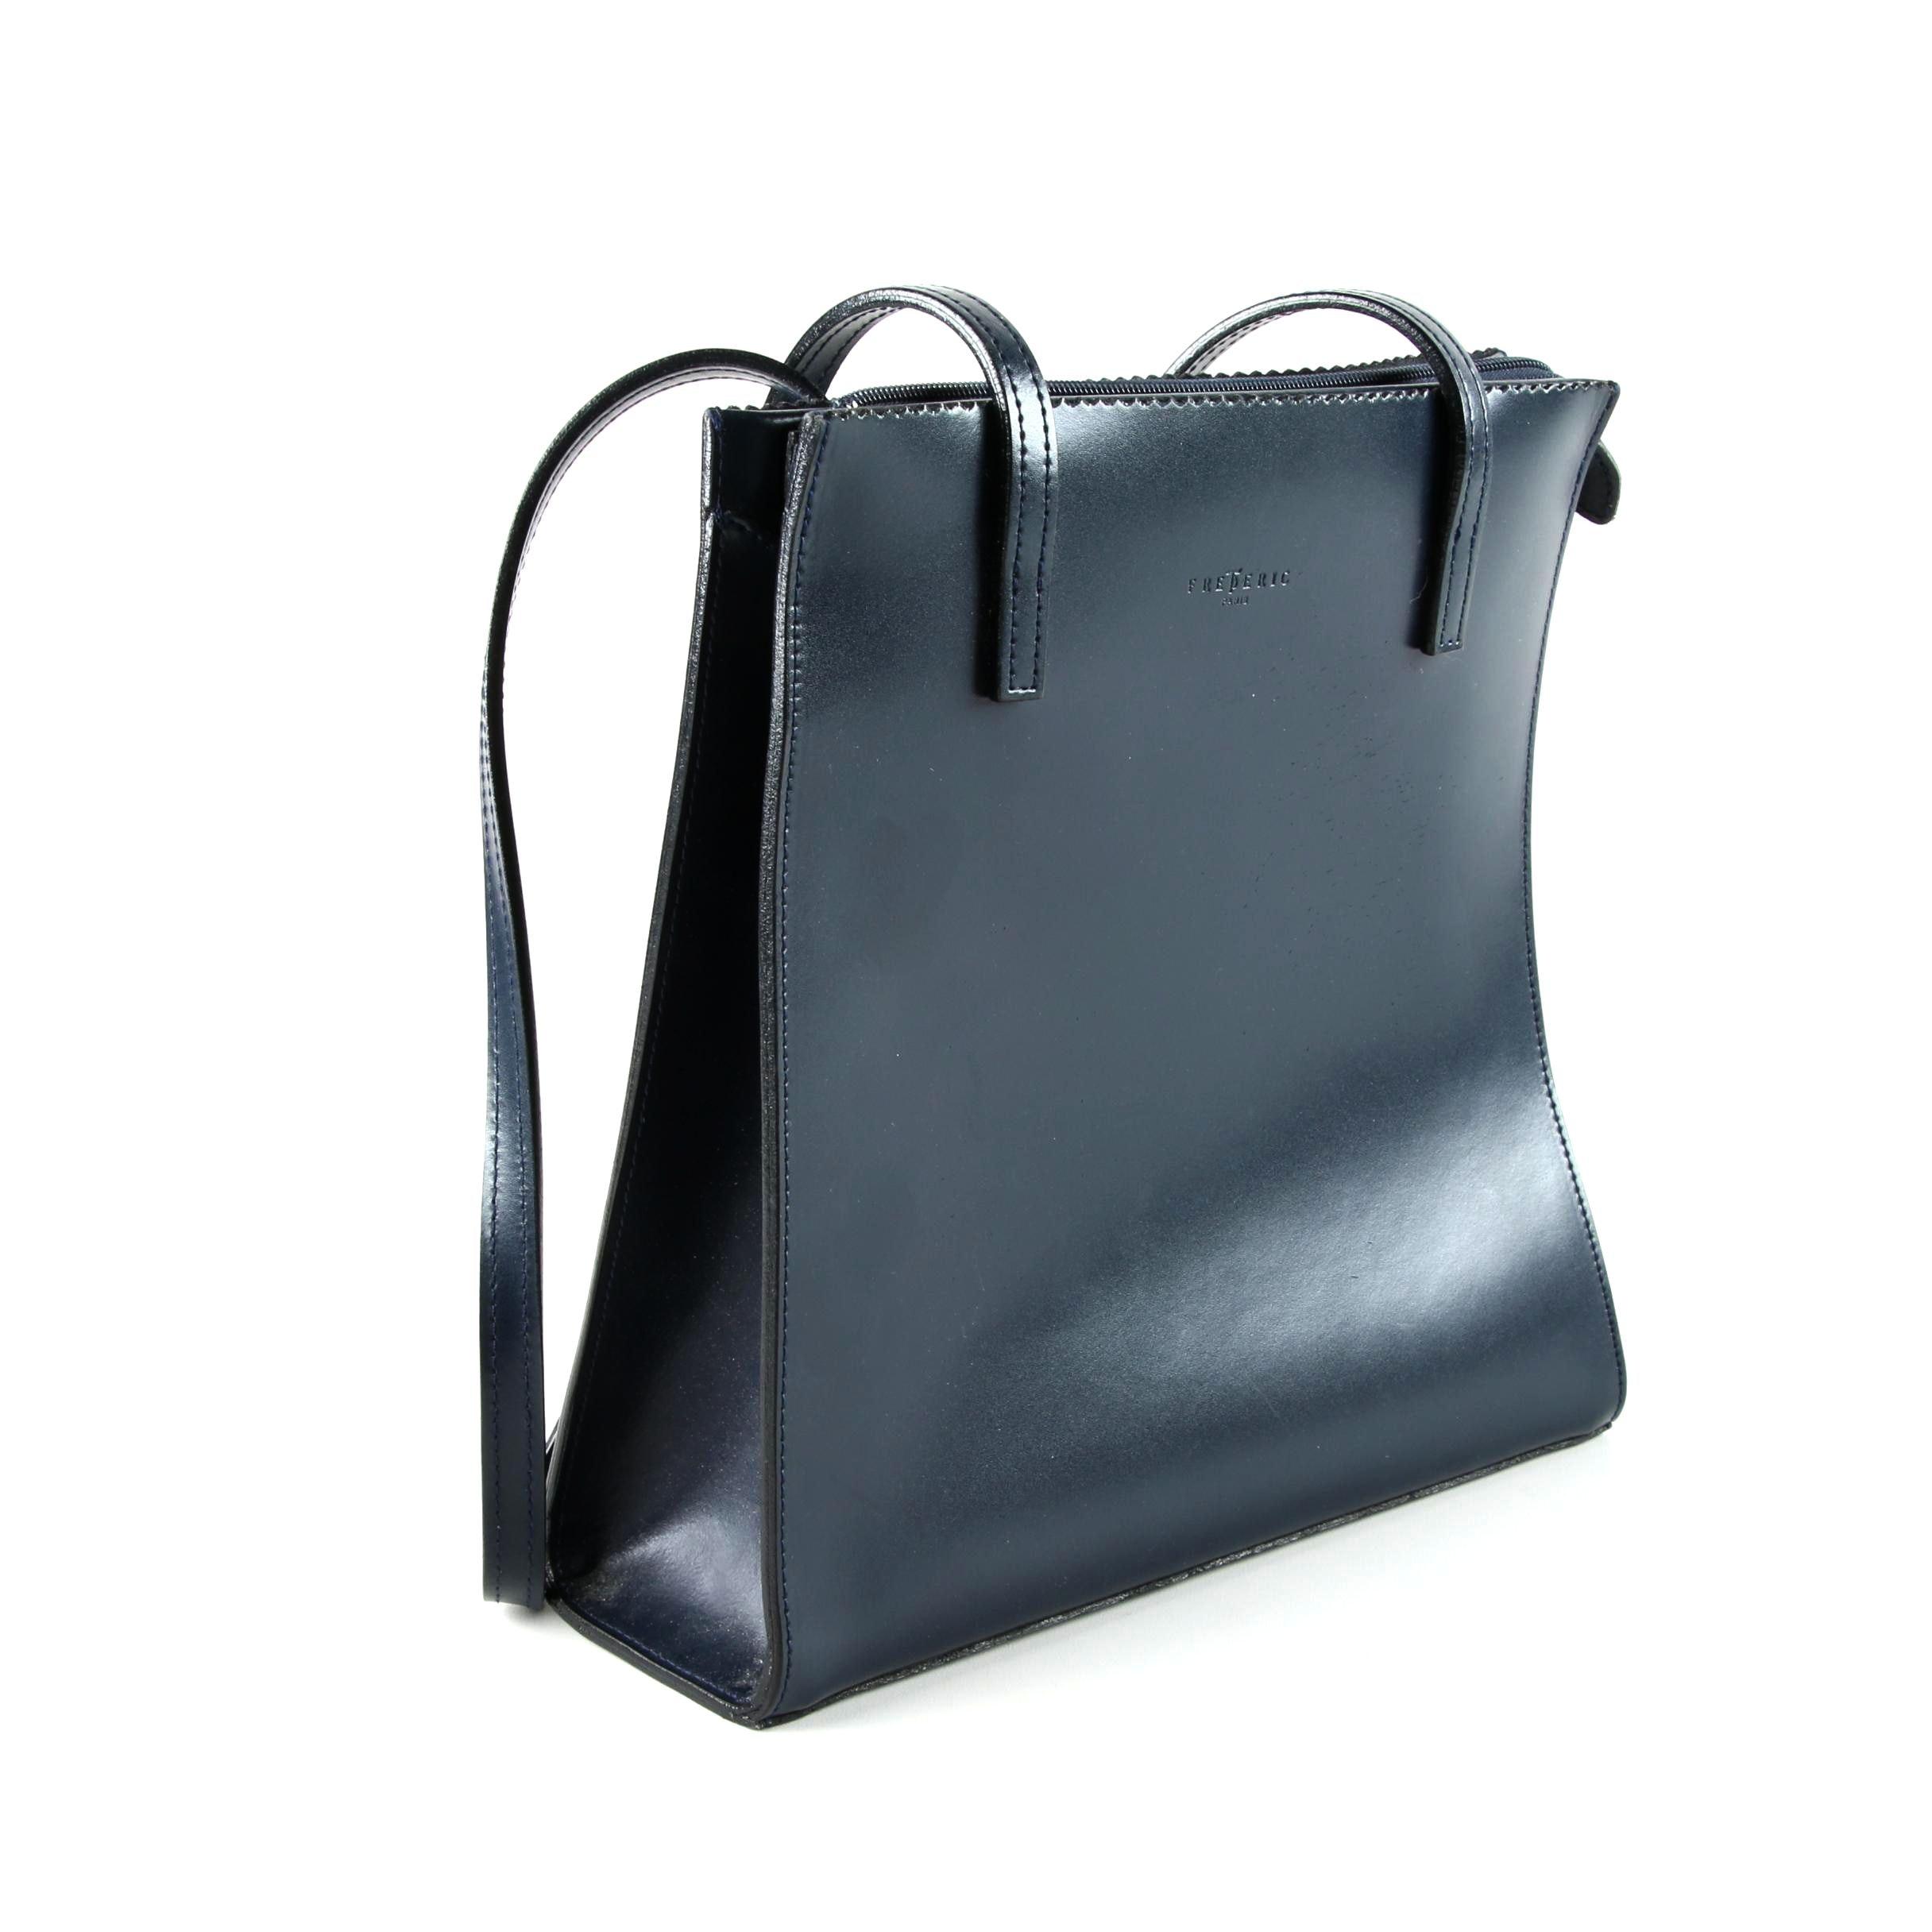 Frederic of Paris Navy Blue Leather Shoulder Bag